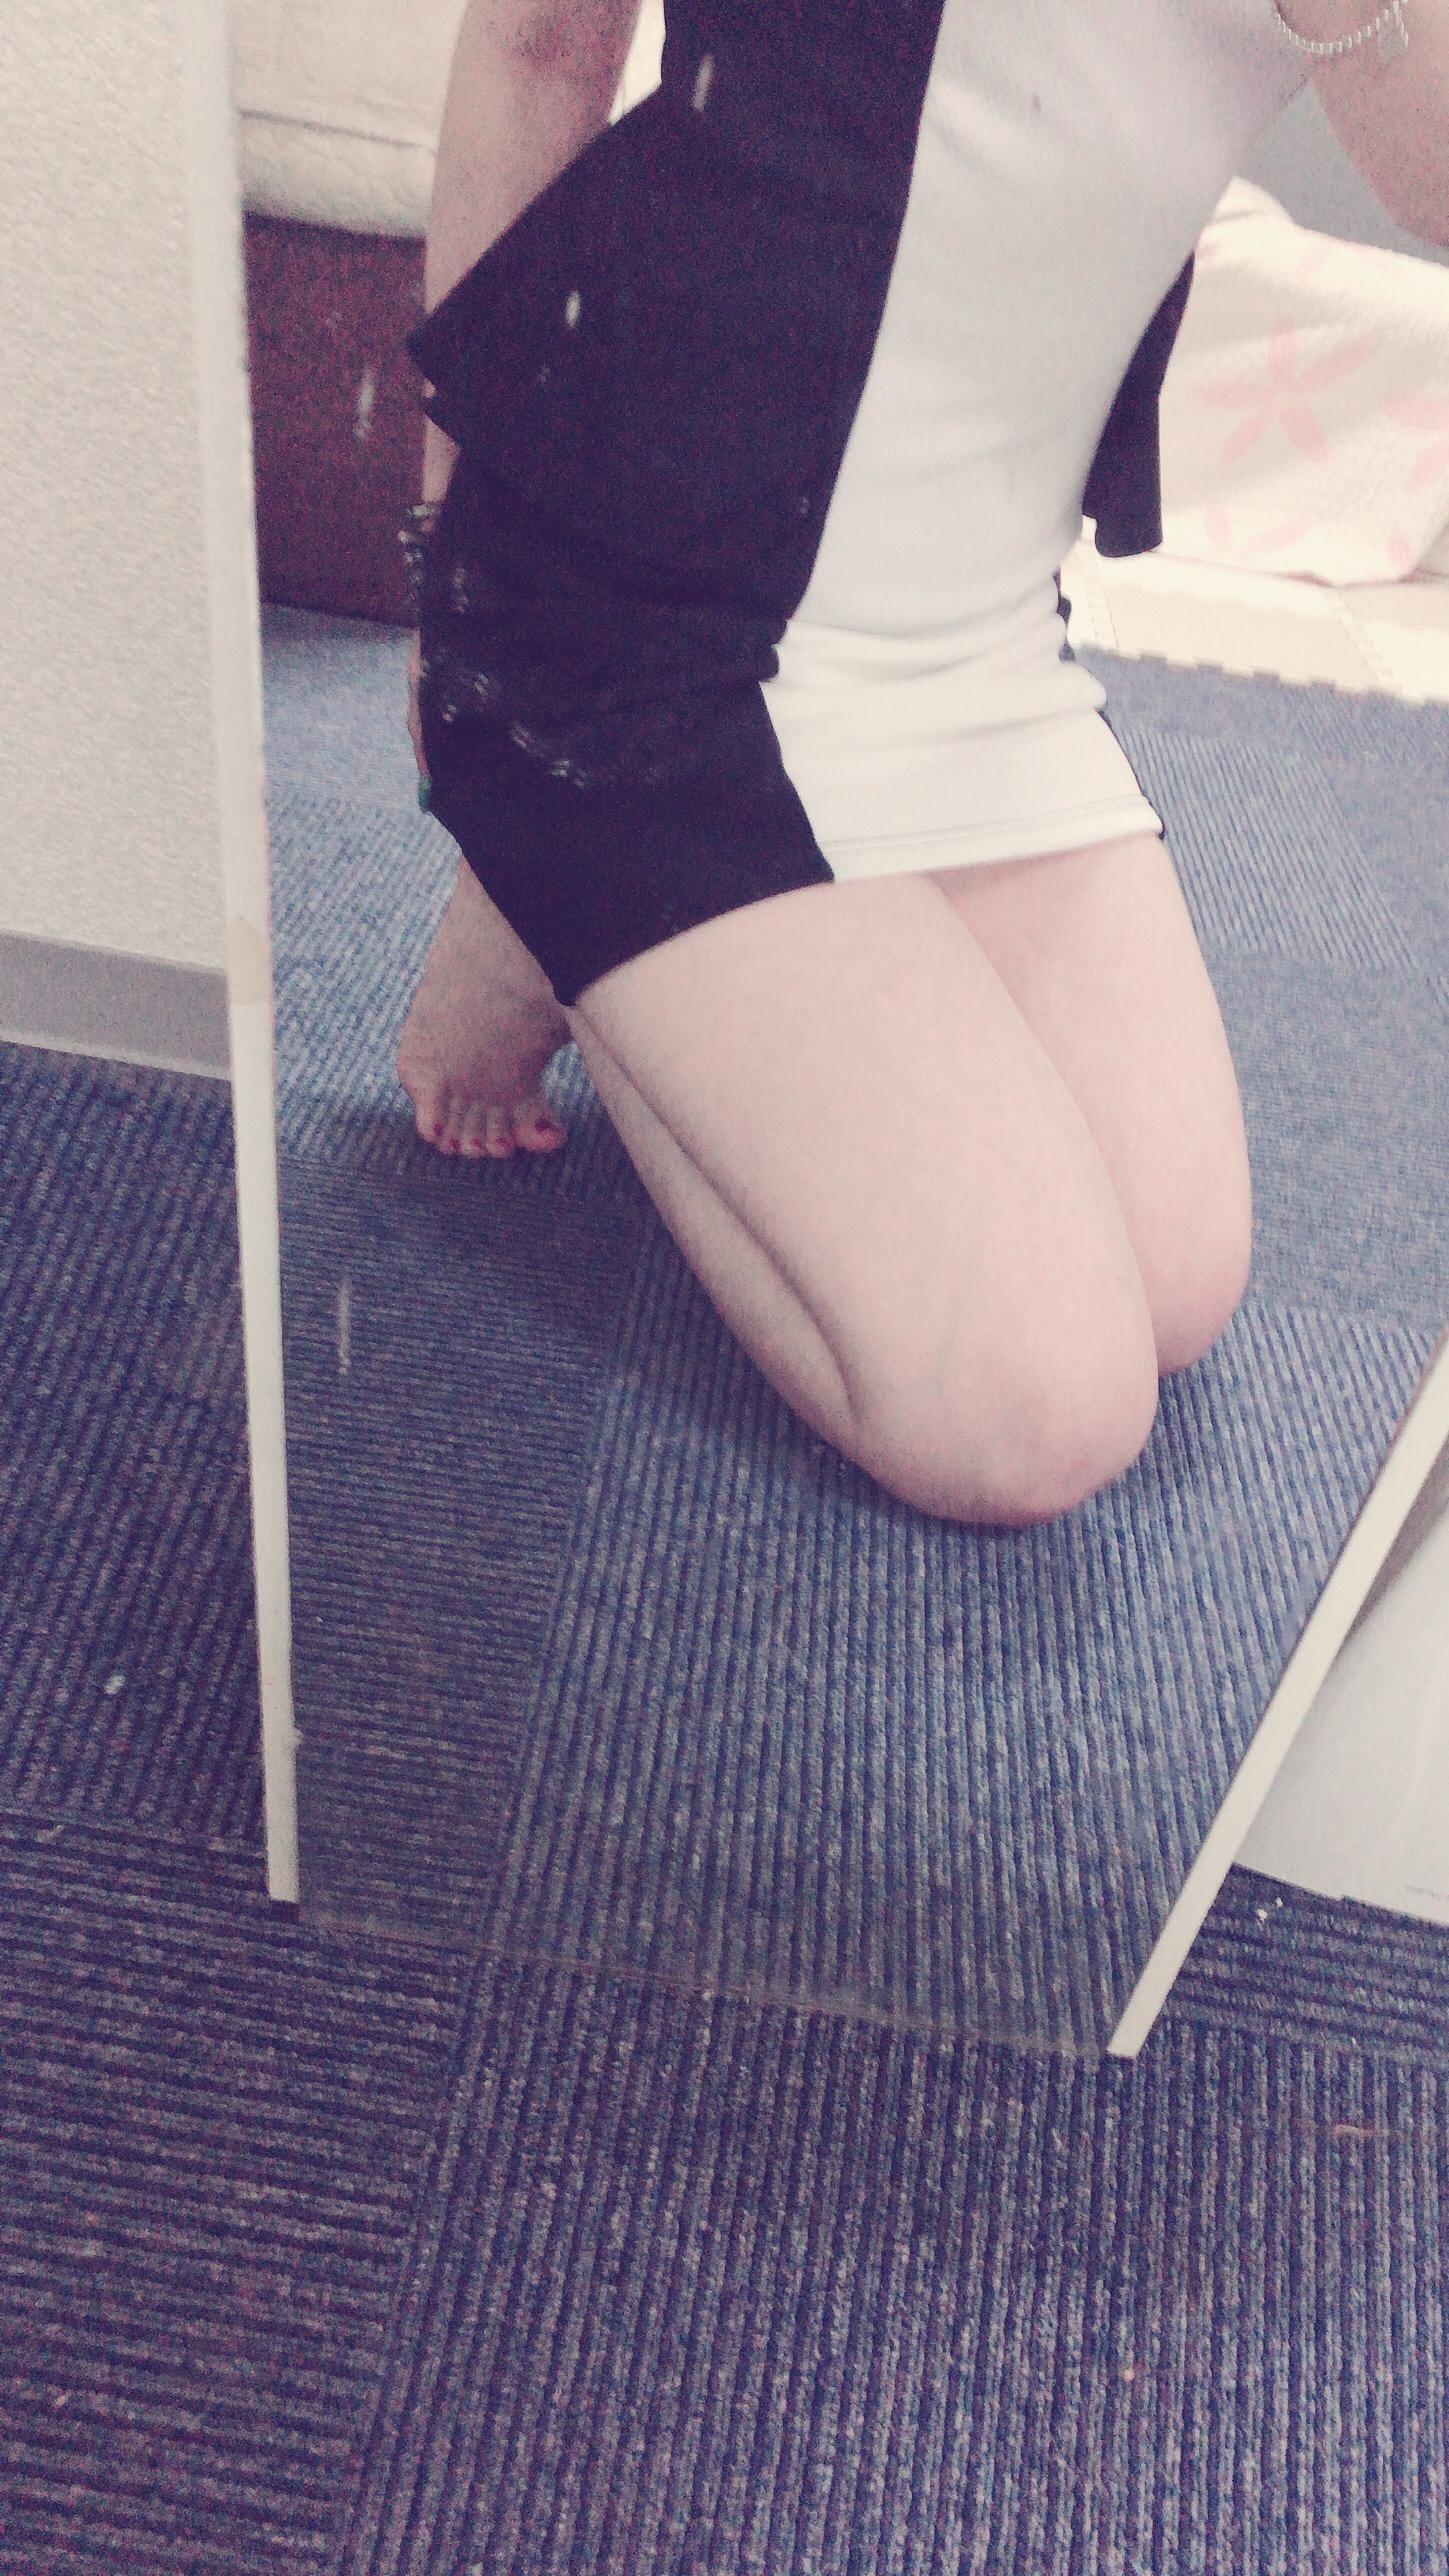 「準備中♡」07/12(07/12) 09:23   みほの写メ・風俗動画